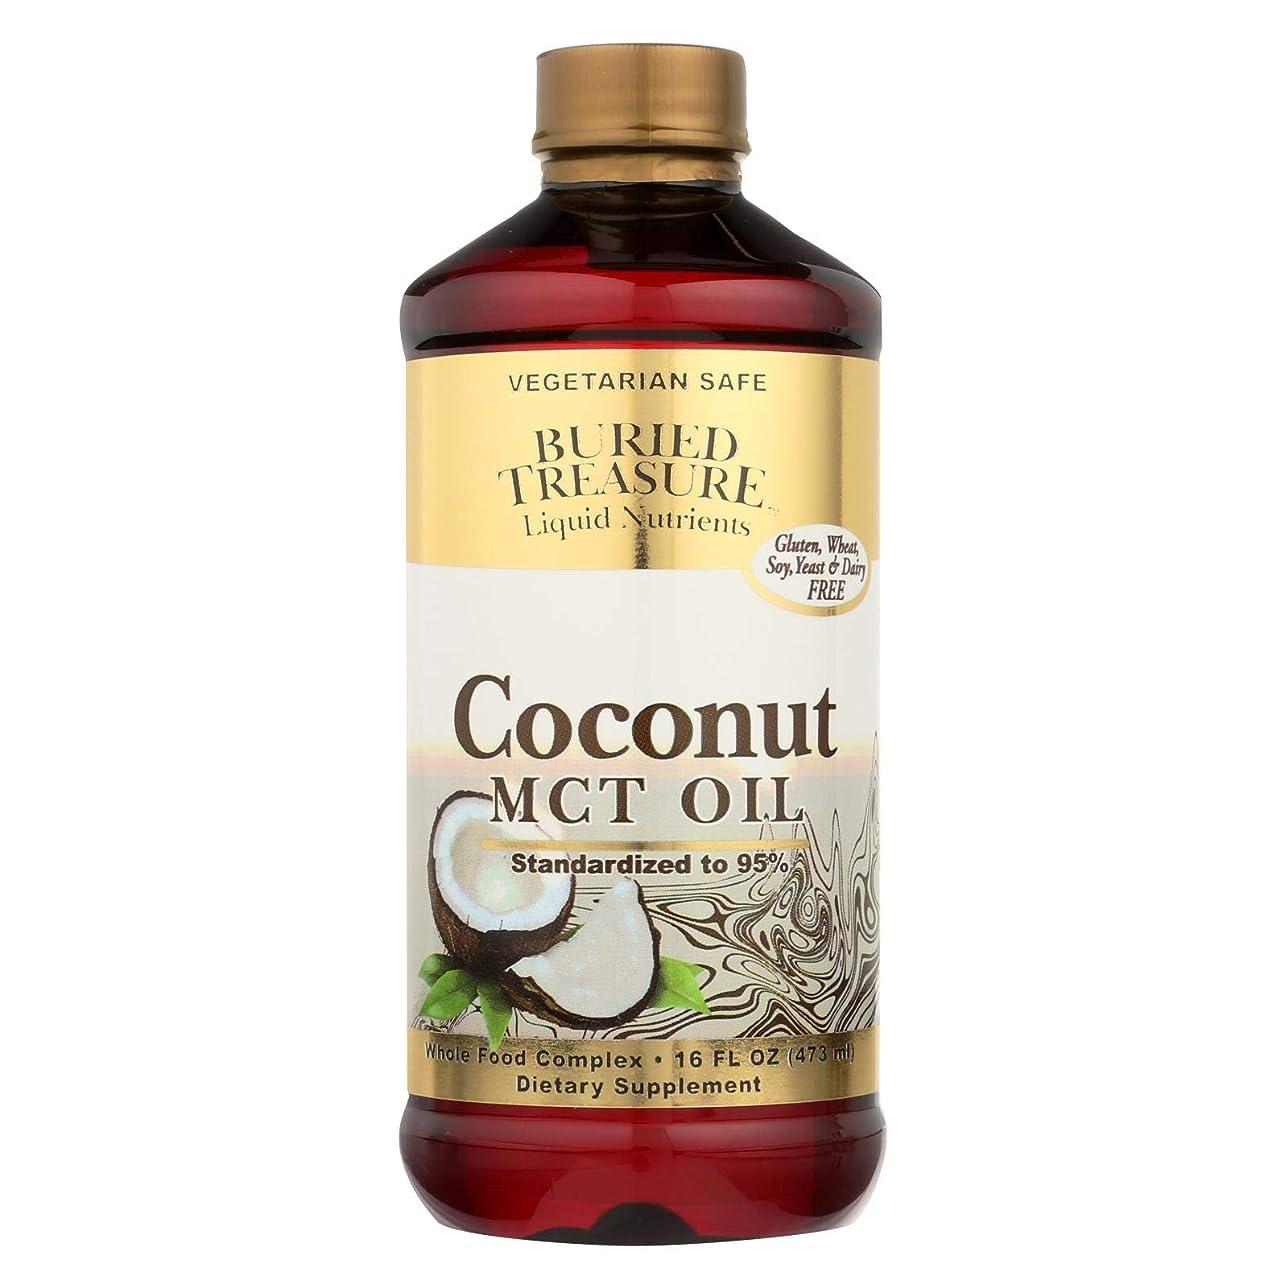 サンダーグレード儀式海外直送品Coconut Oil MCT, 16 oz by Buried Treasure